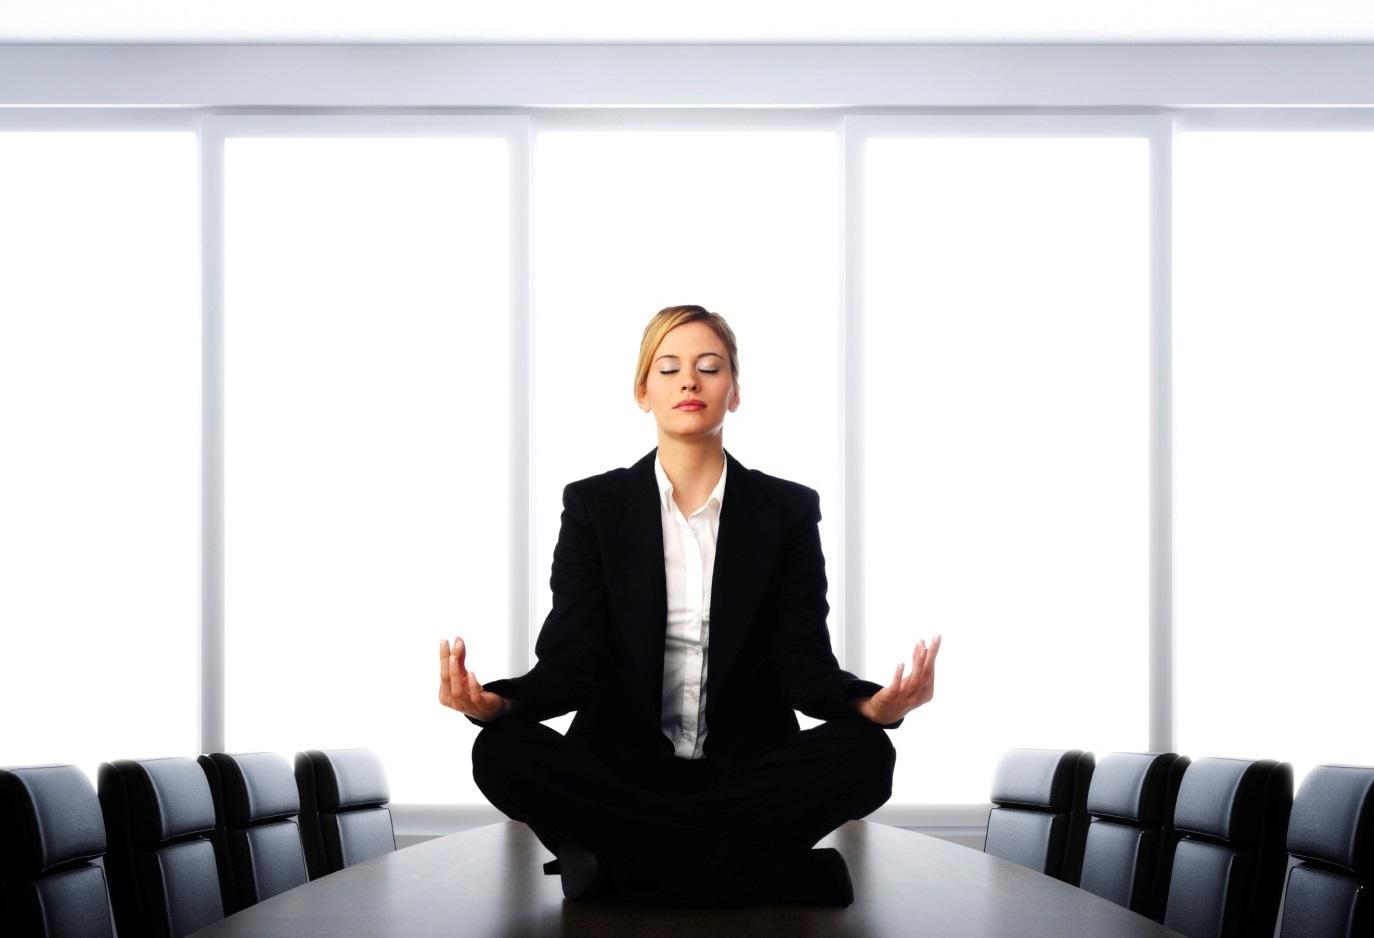 Žene više pogađa stres na poslu, pokazuju rezultati najnovijih istraživanja